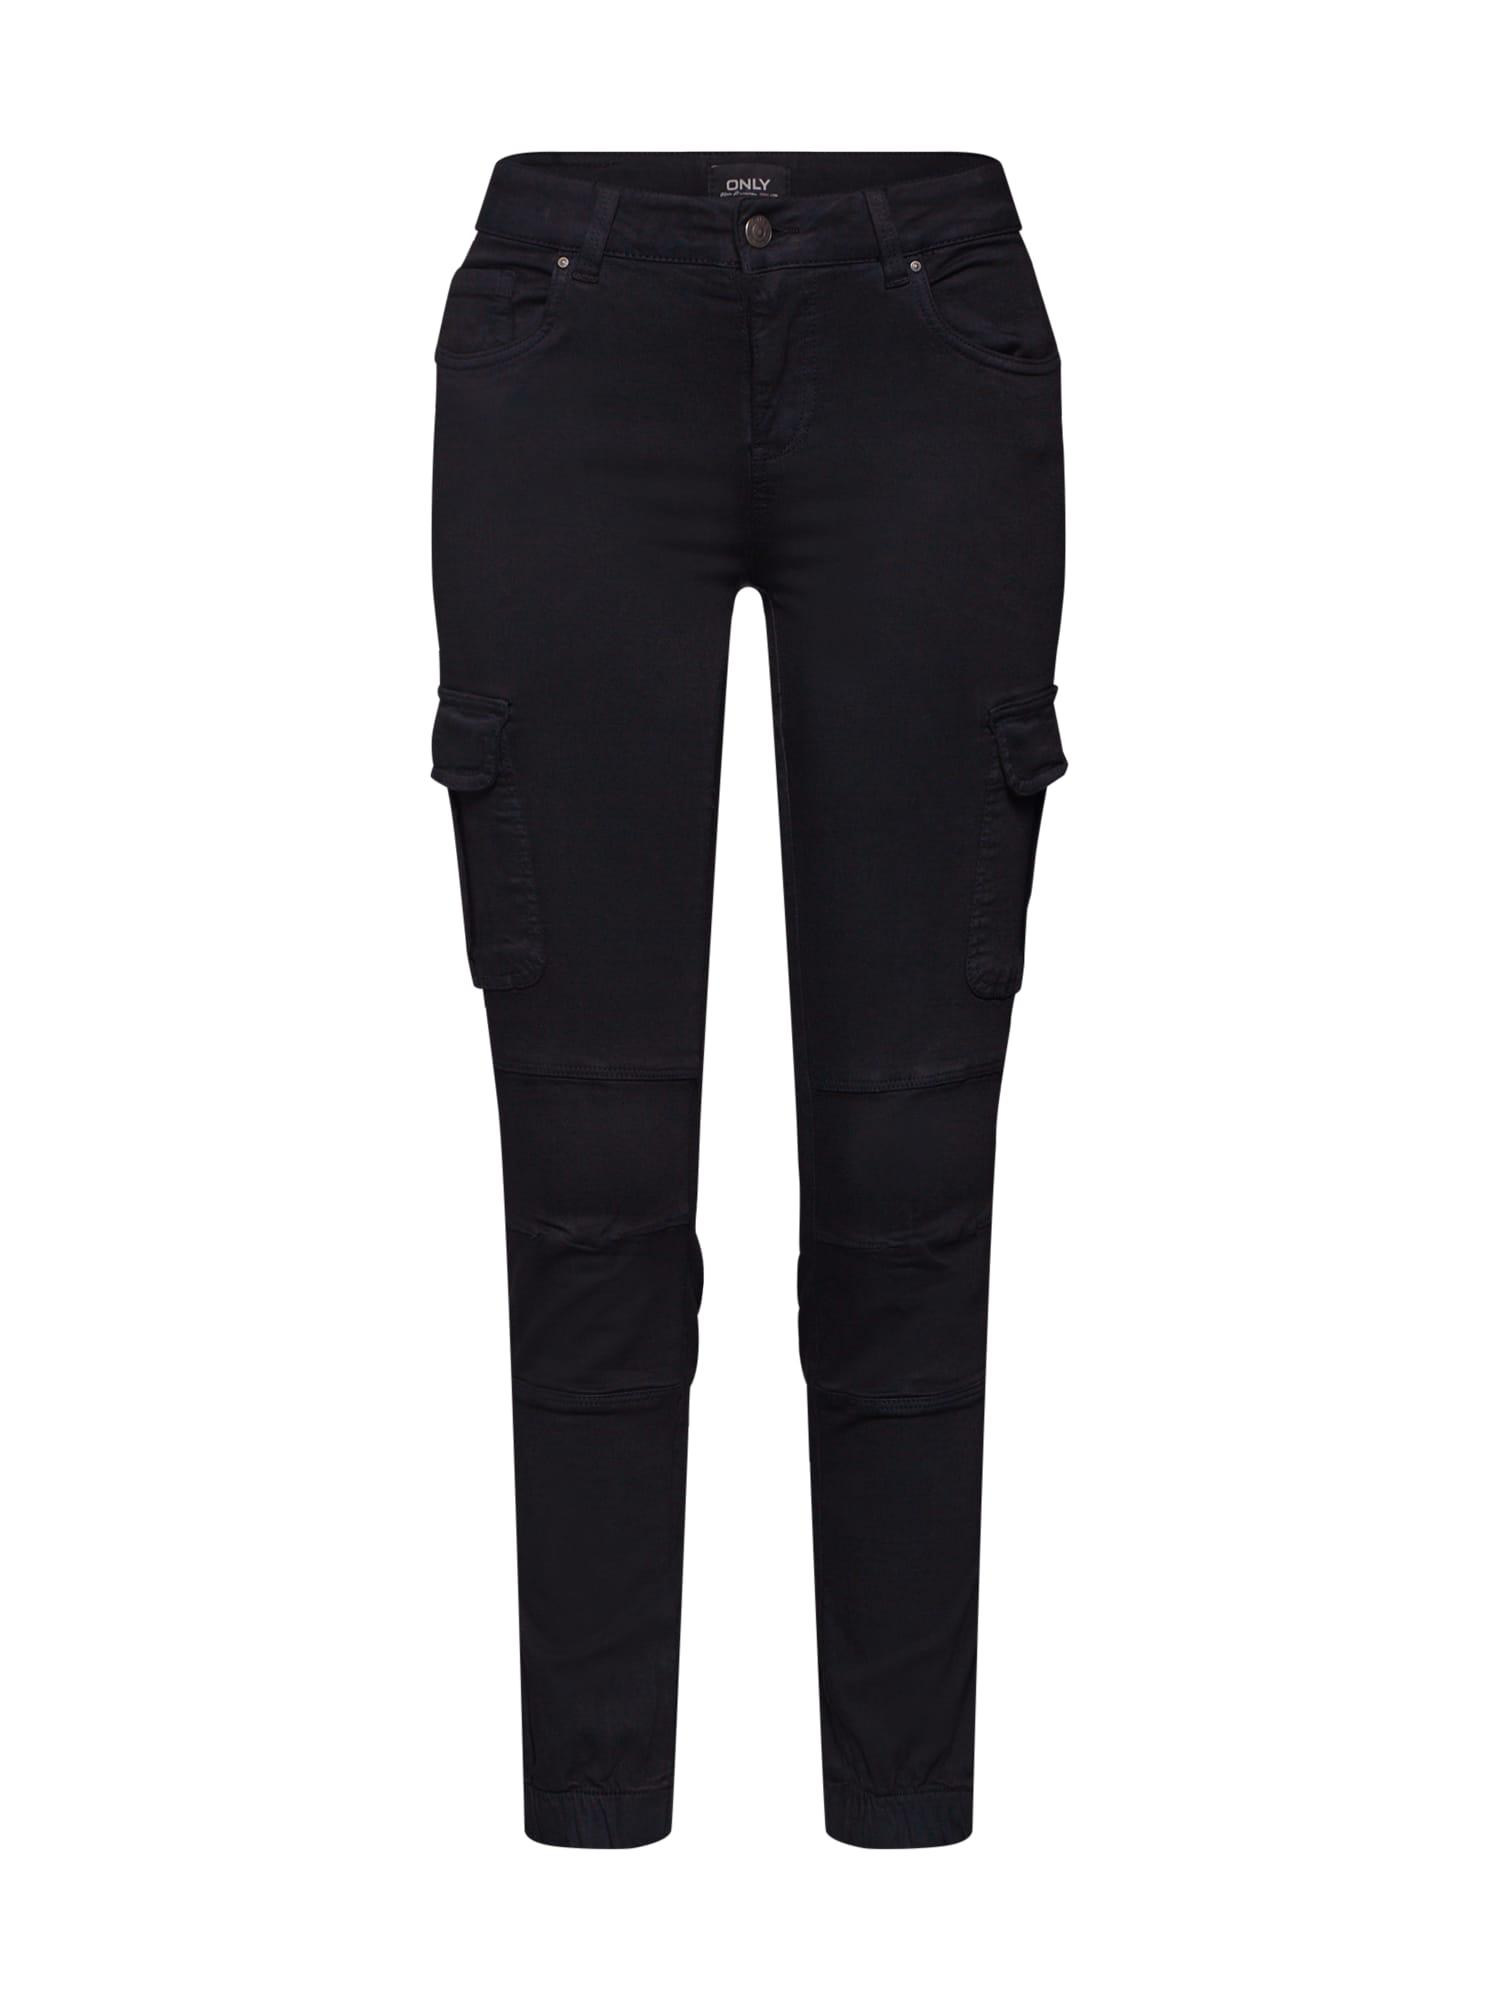 ONLY Darbinio stiliaus džinsai juoda